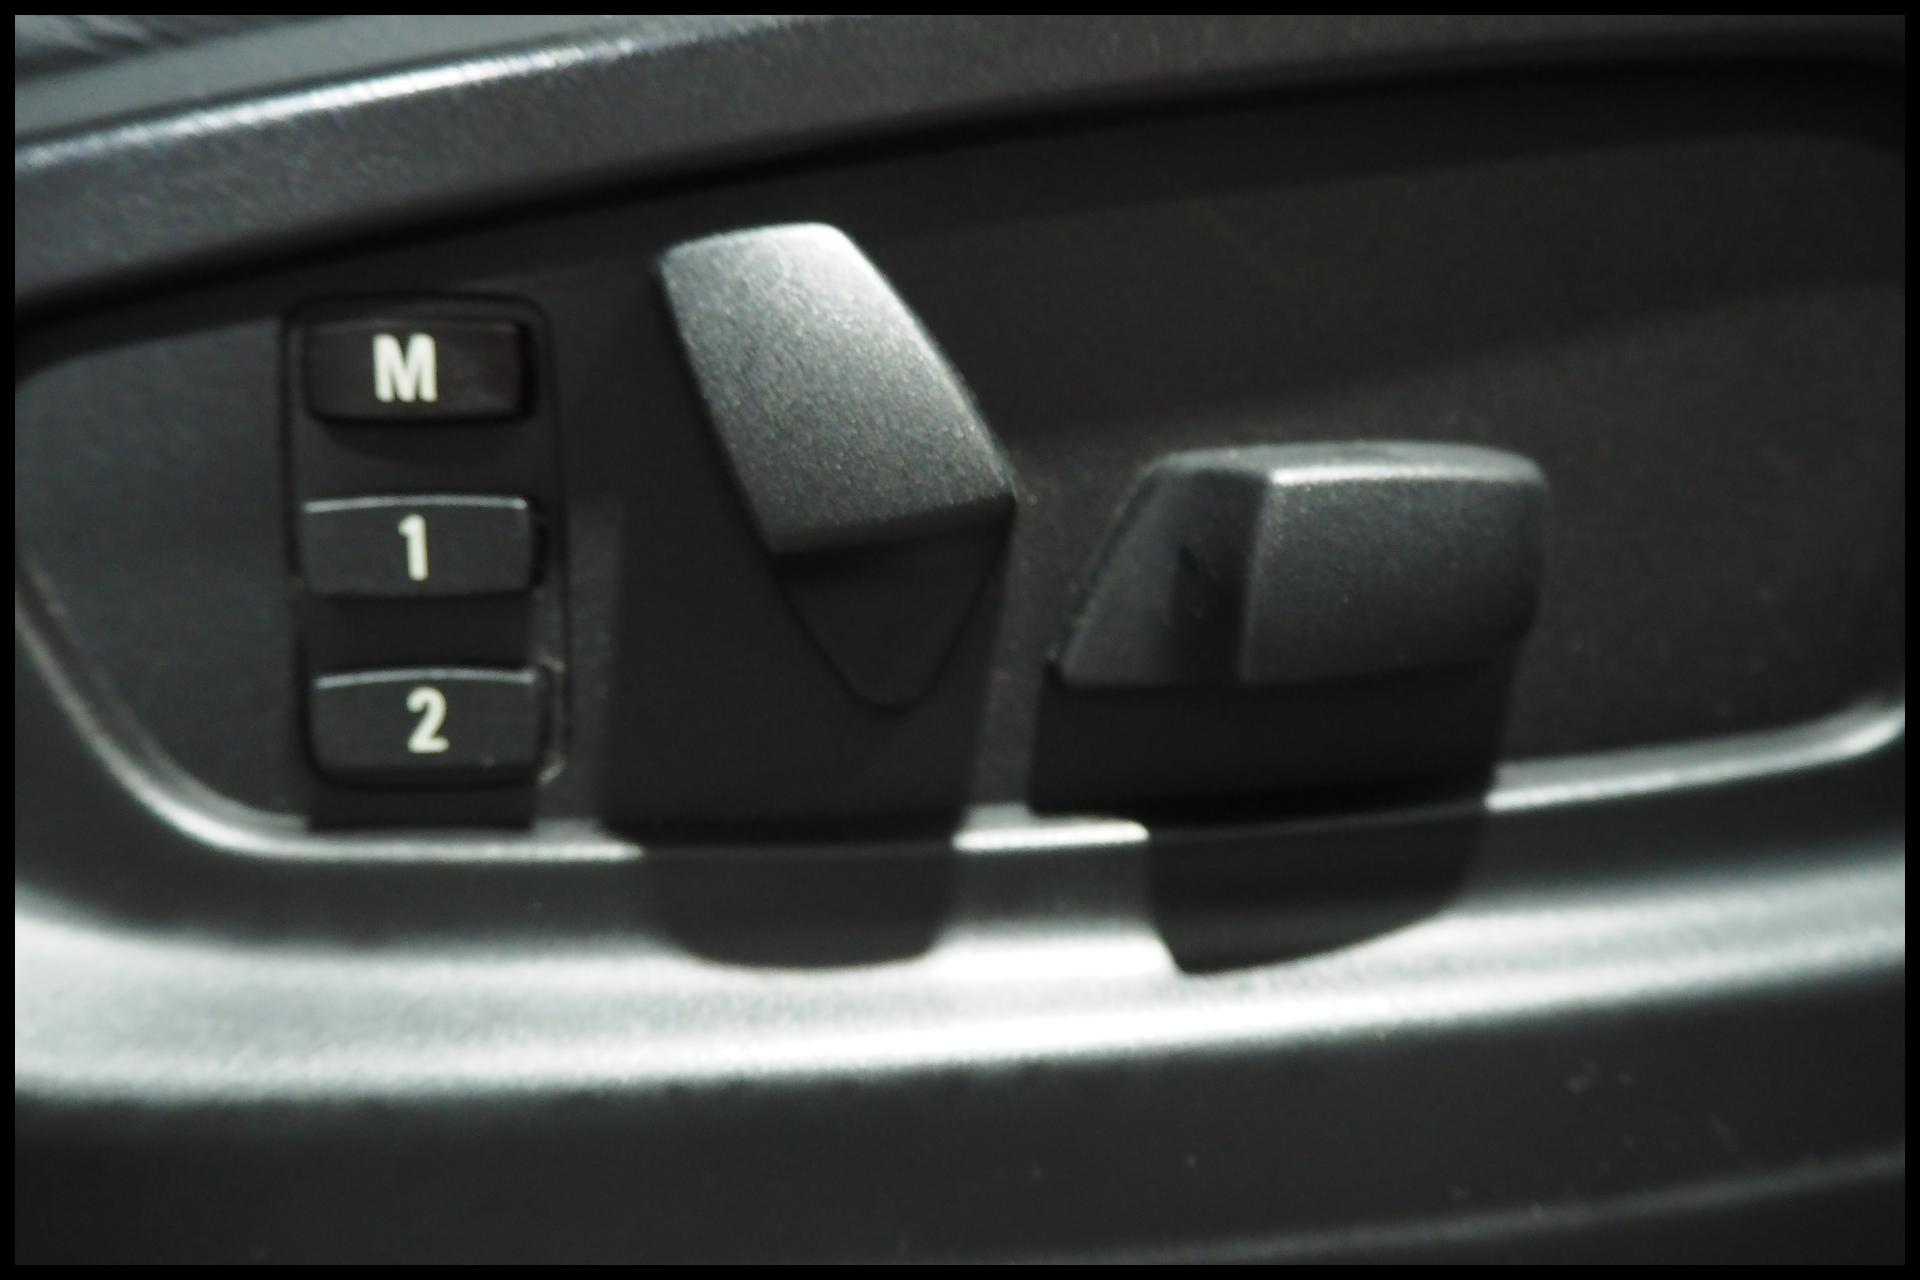 Burton Bmw Mercedes Benz Elegant Car Door Card Fresh Used Bmw X5 3 0d M Sport